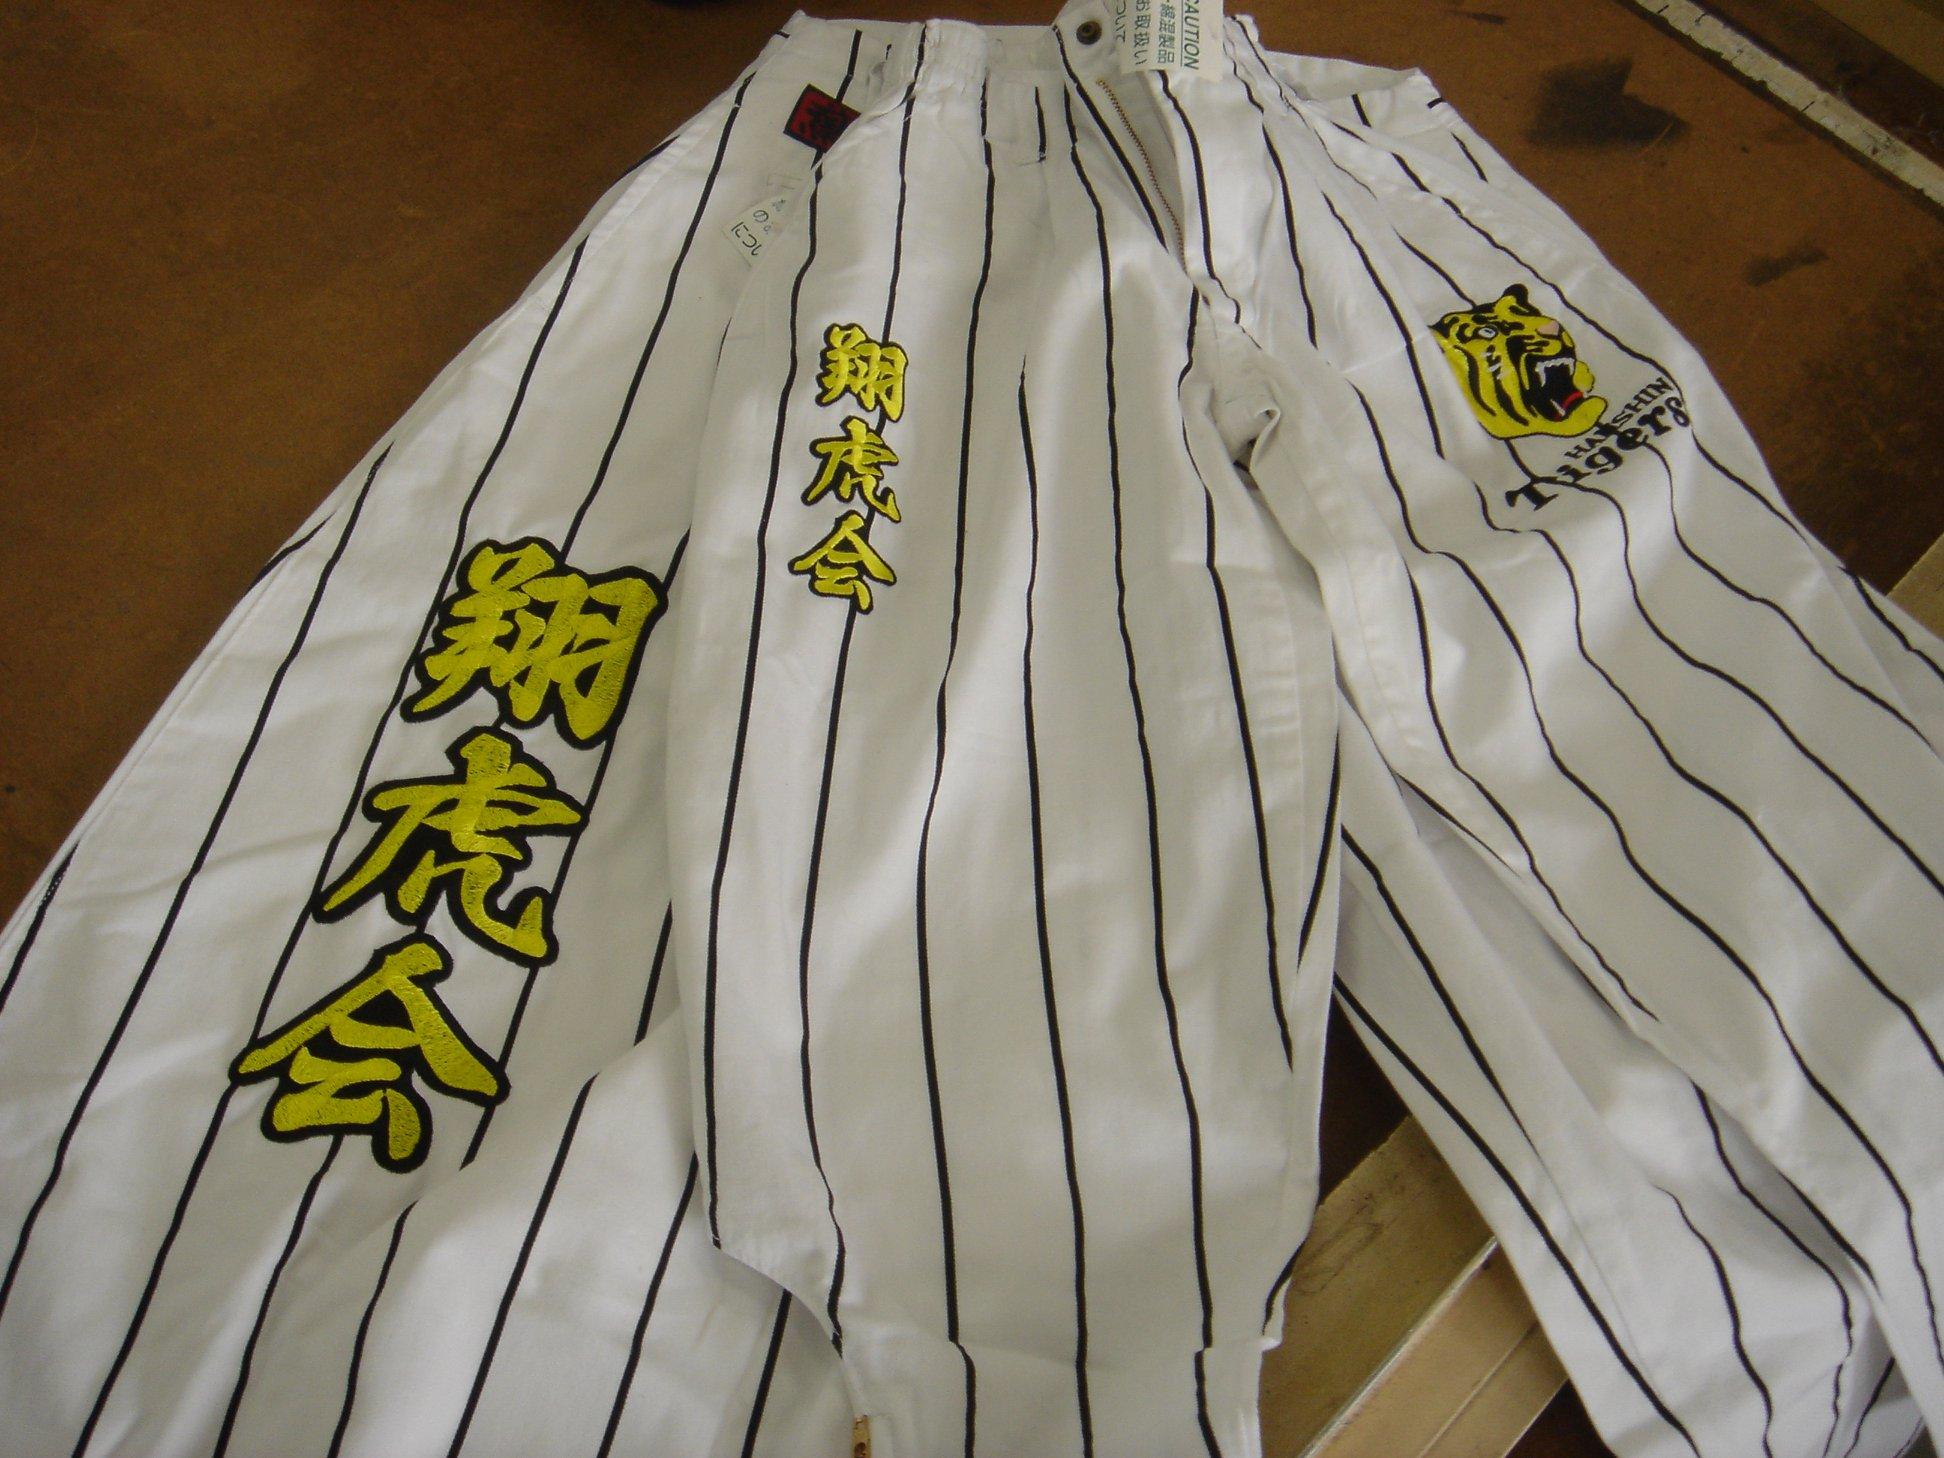 野球ユニフォーム(パンツ)への刺繍例です。